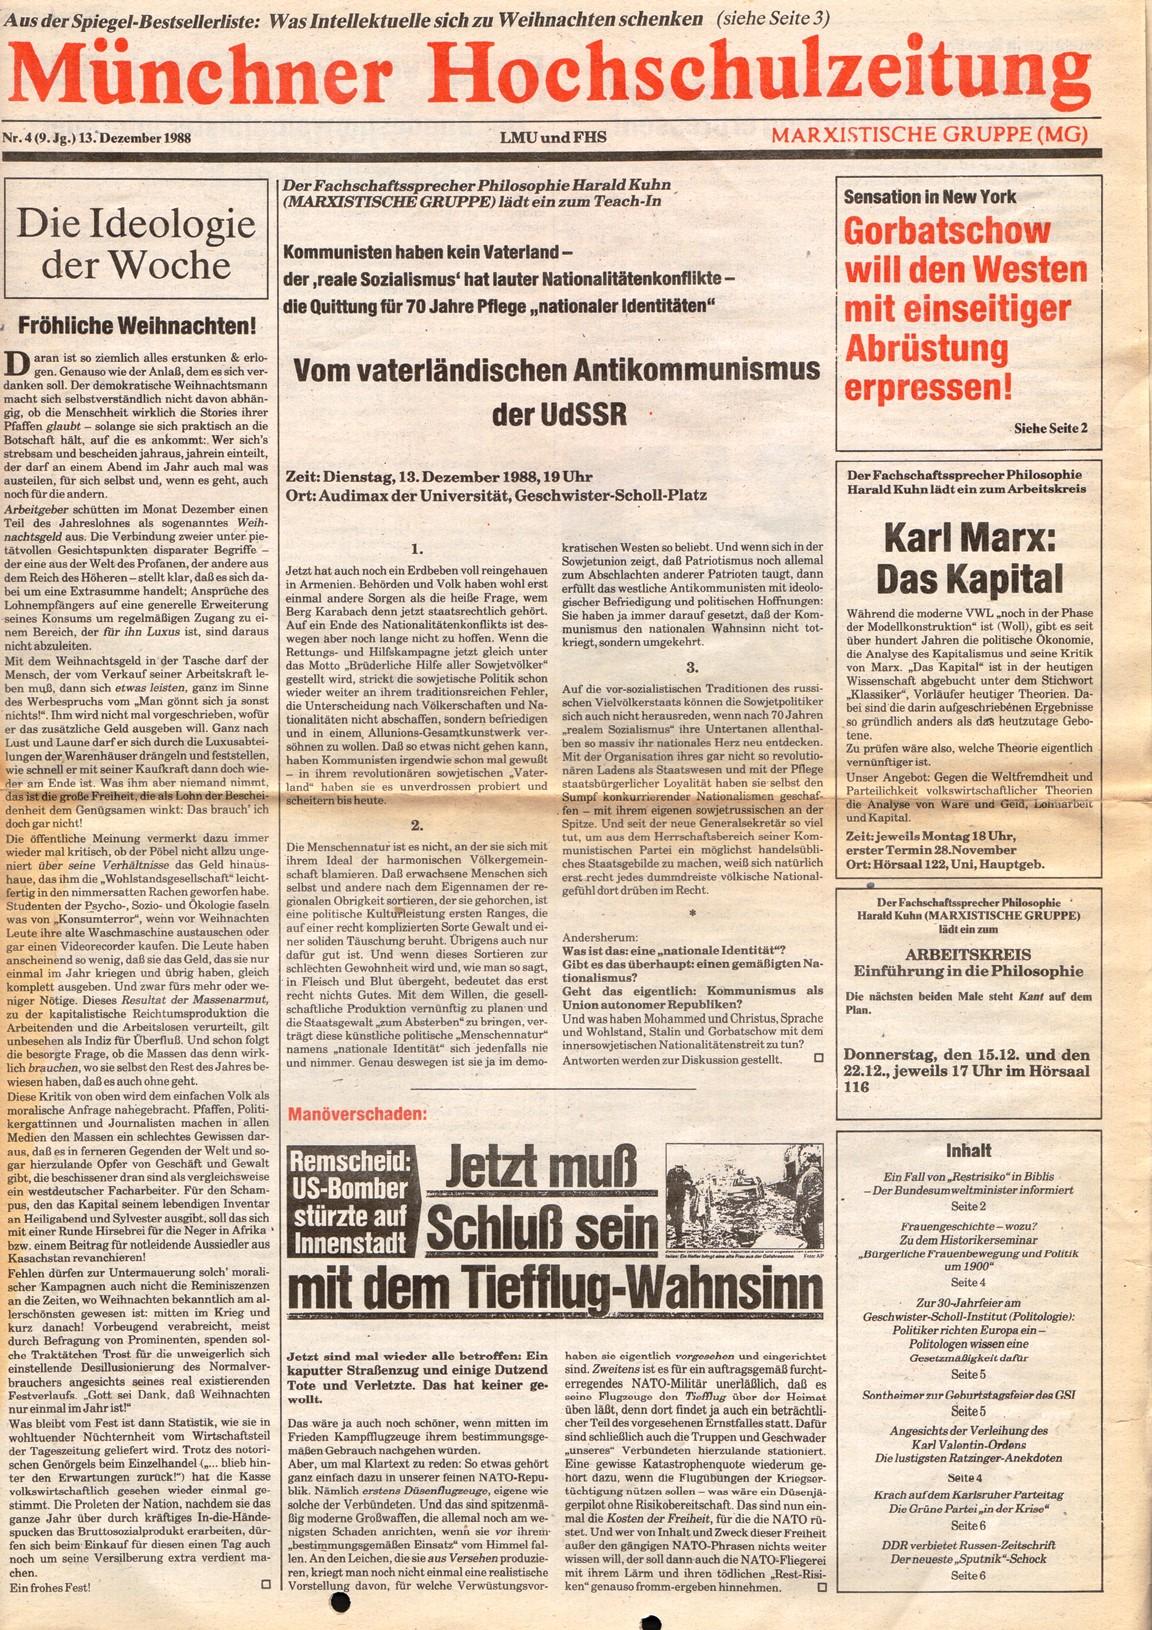 Muenchen_MG_Hochschulzeitung_19881213_01